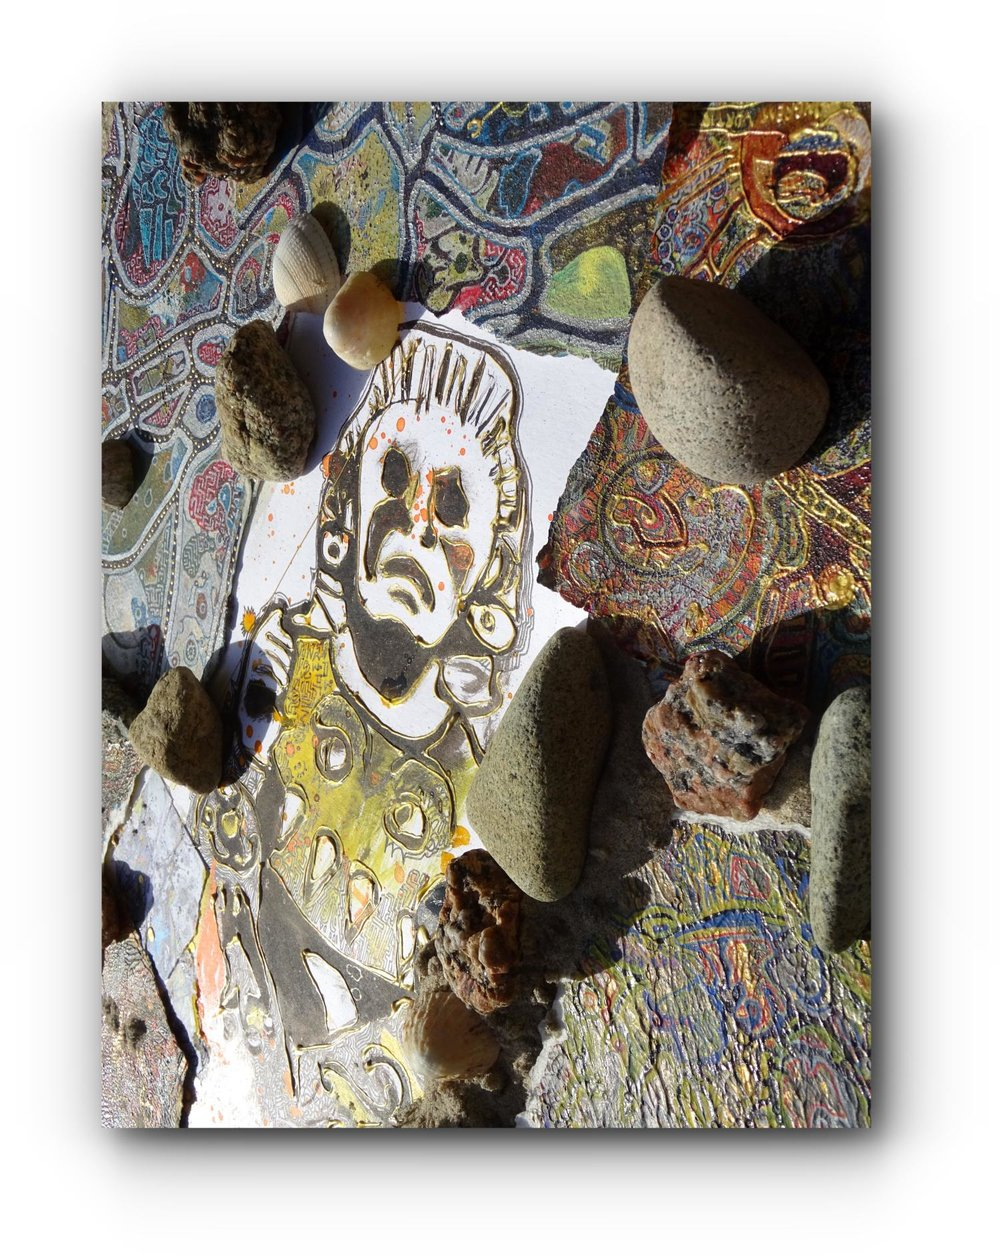 painting-installation-xochipilli-2-artist-duo-ingress-vortices.jpg